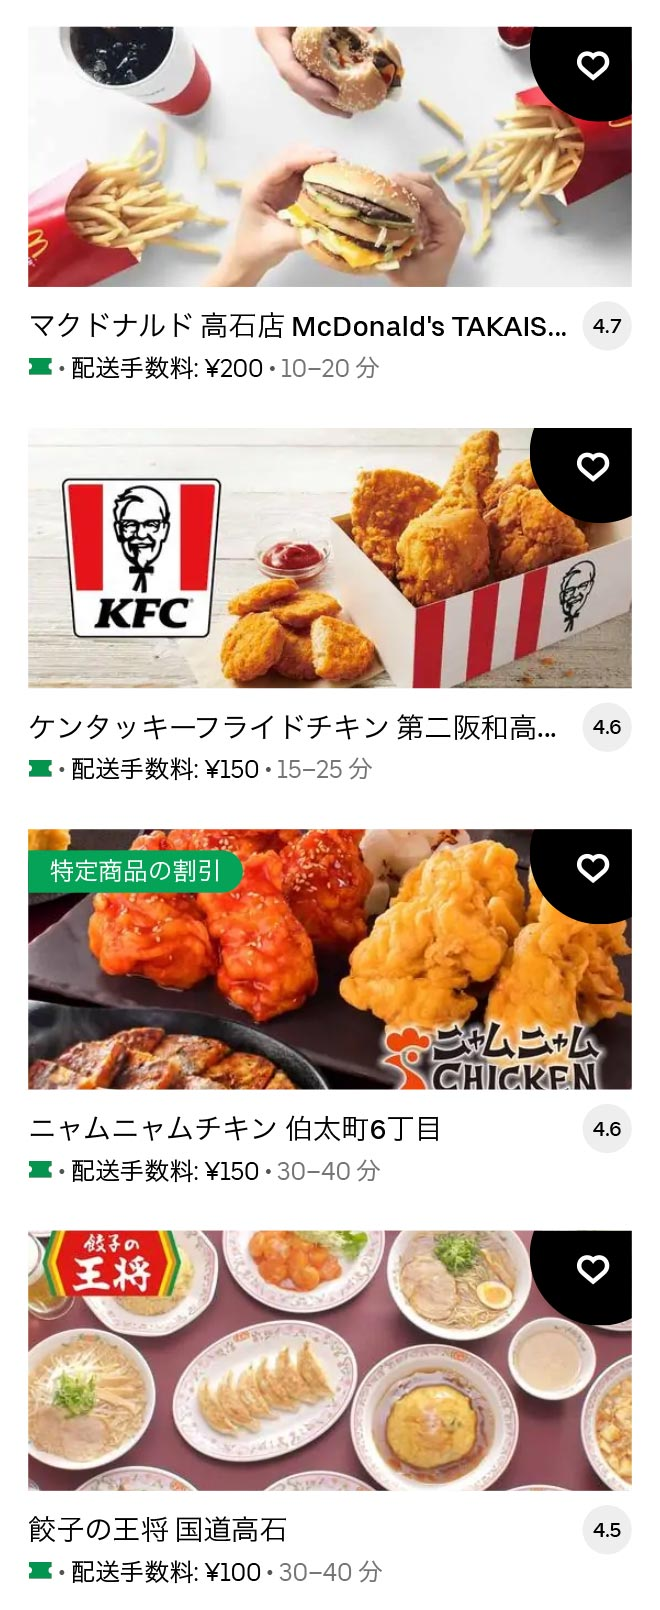 U kitashinoda 2105 01